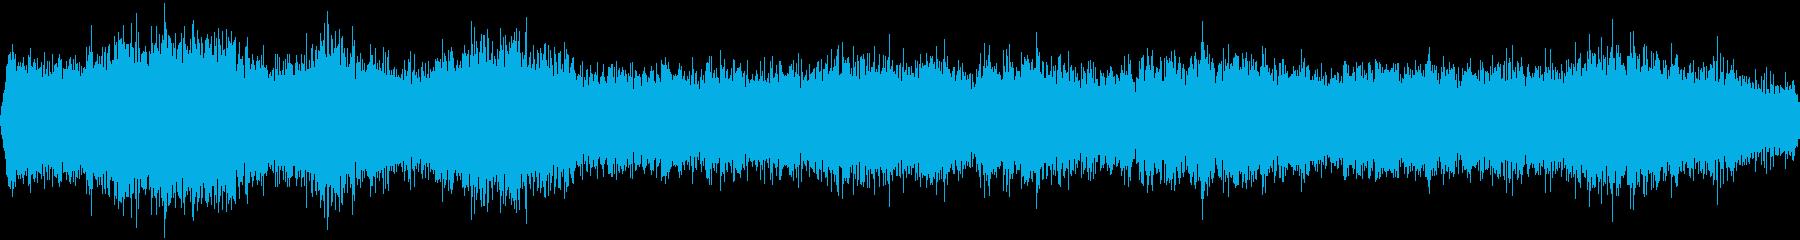 車の通る音の再生済みの波形